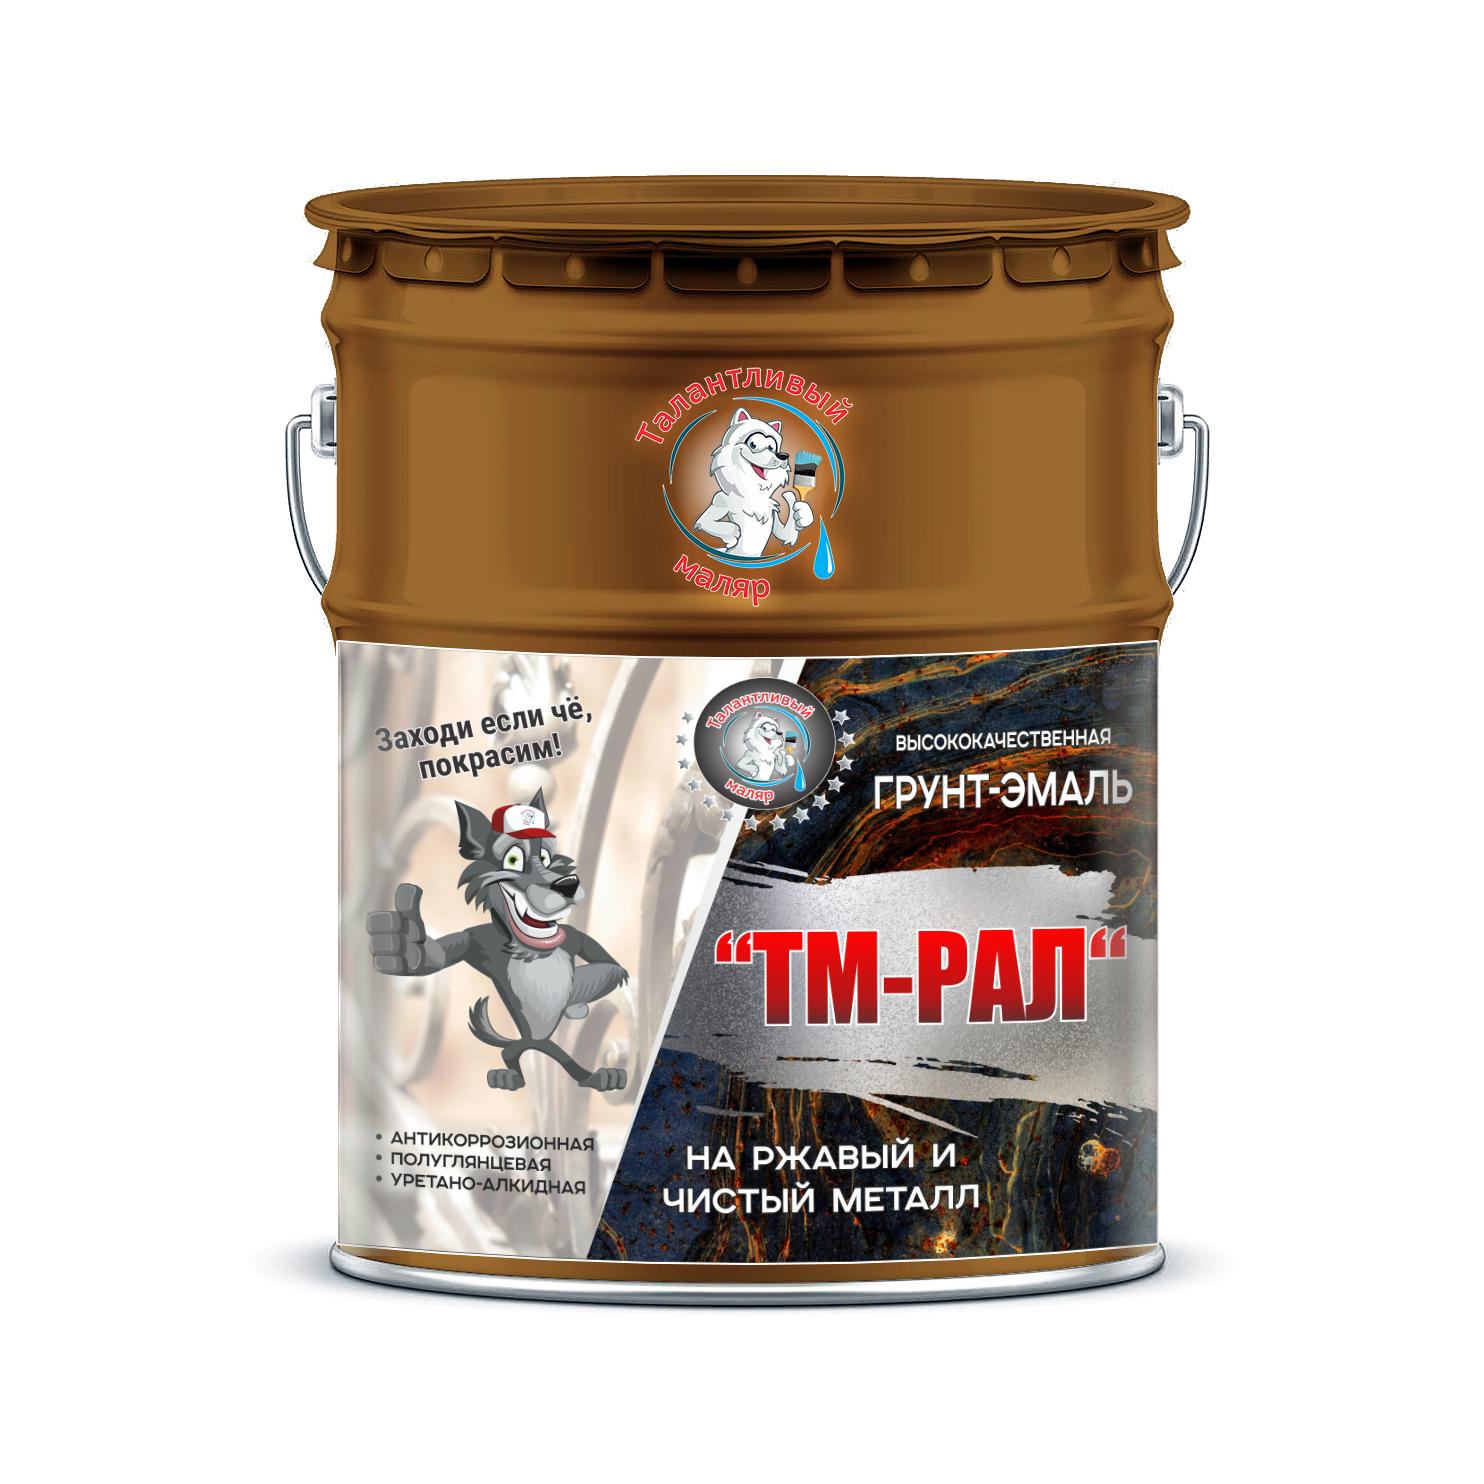 """Фото 2 - TM8001 Грунт-Эмаль """"ТМ РАЛ"""" уретано-алкидная 3 в 1 цвет RAL 8001 Коричневая охра, антикоррозионная,  полуглянцевая для черных металлов, 20 кг """"Талантливый маляр""""."""